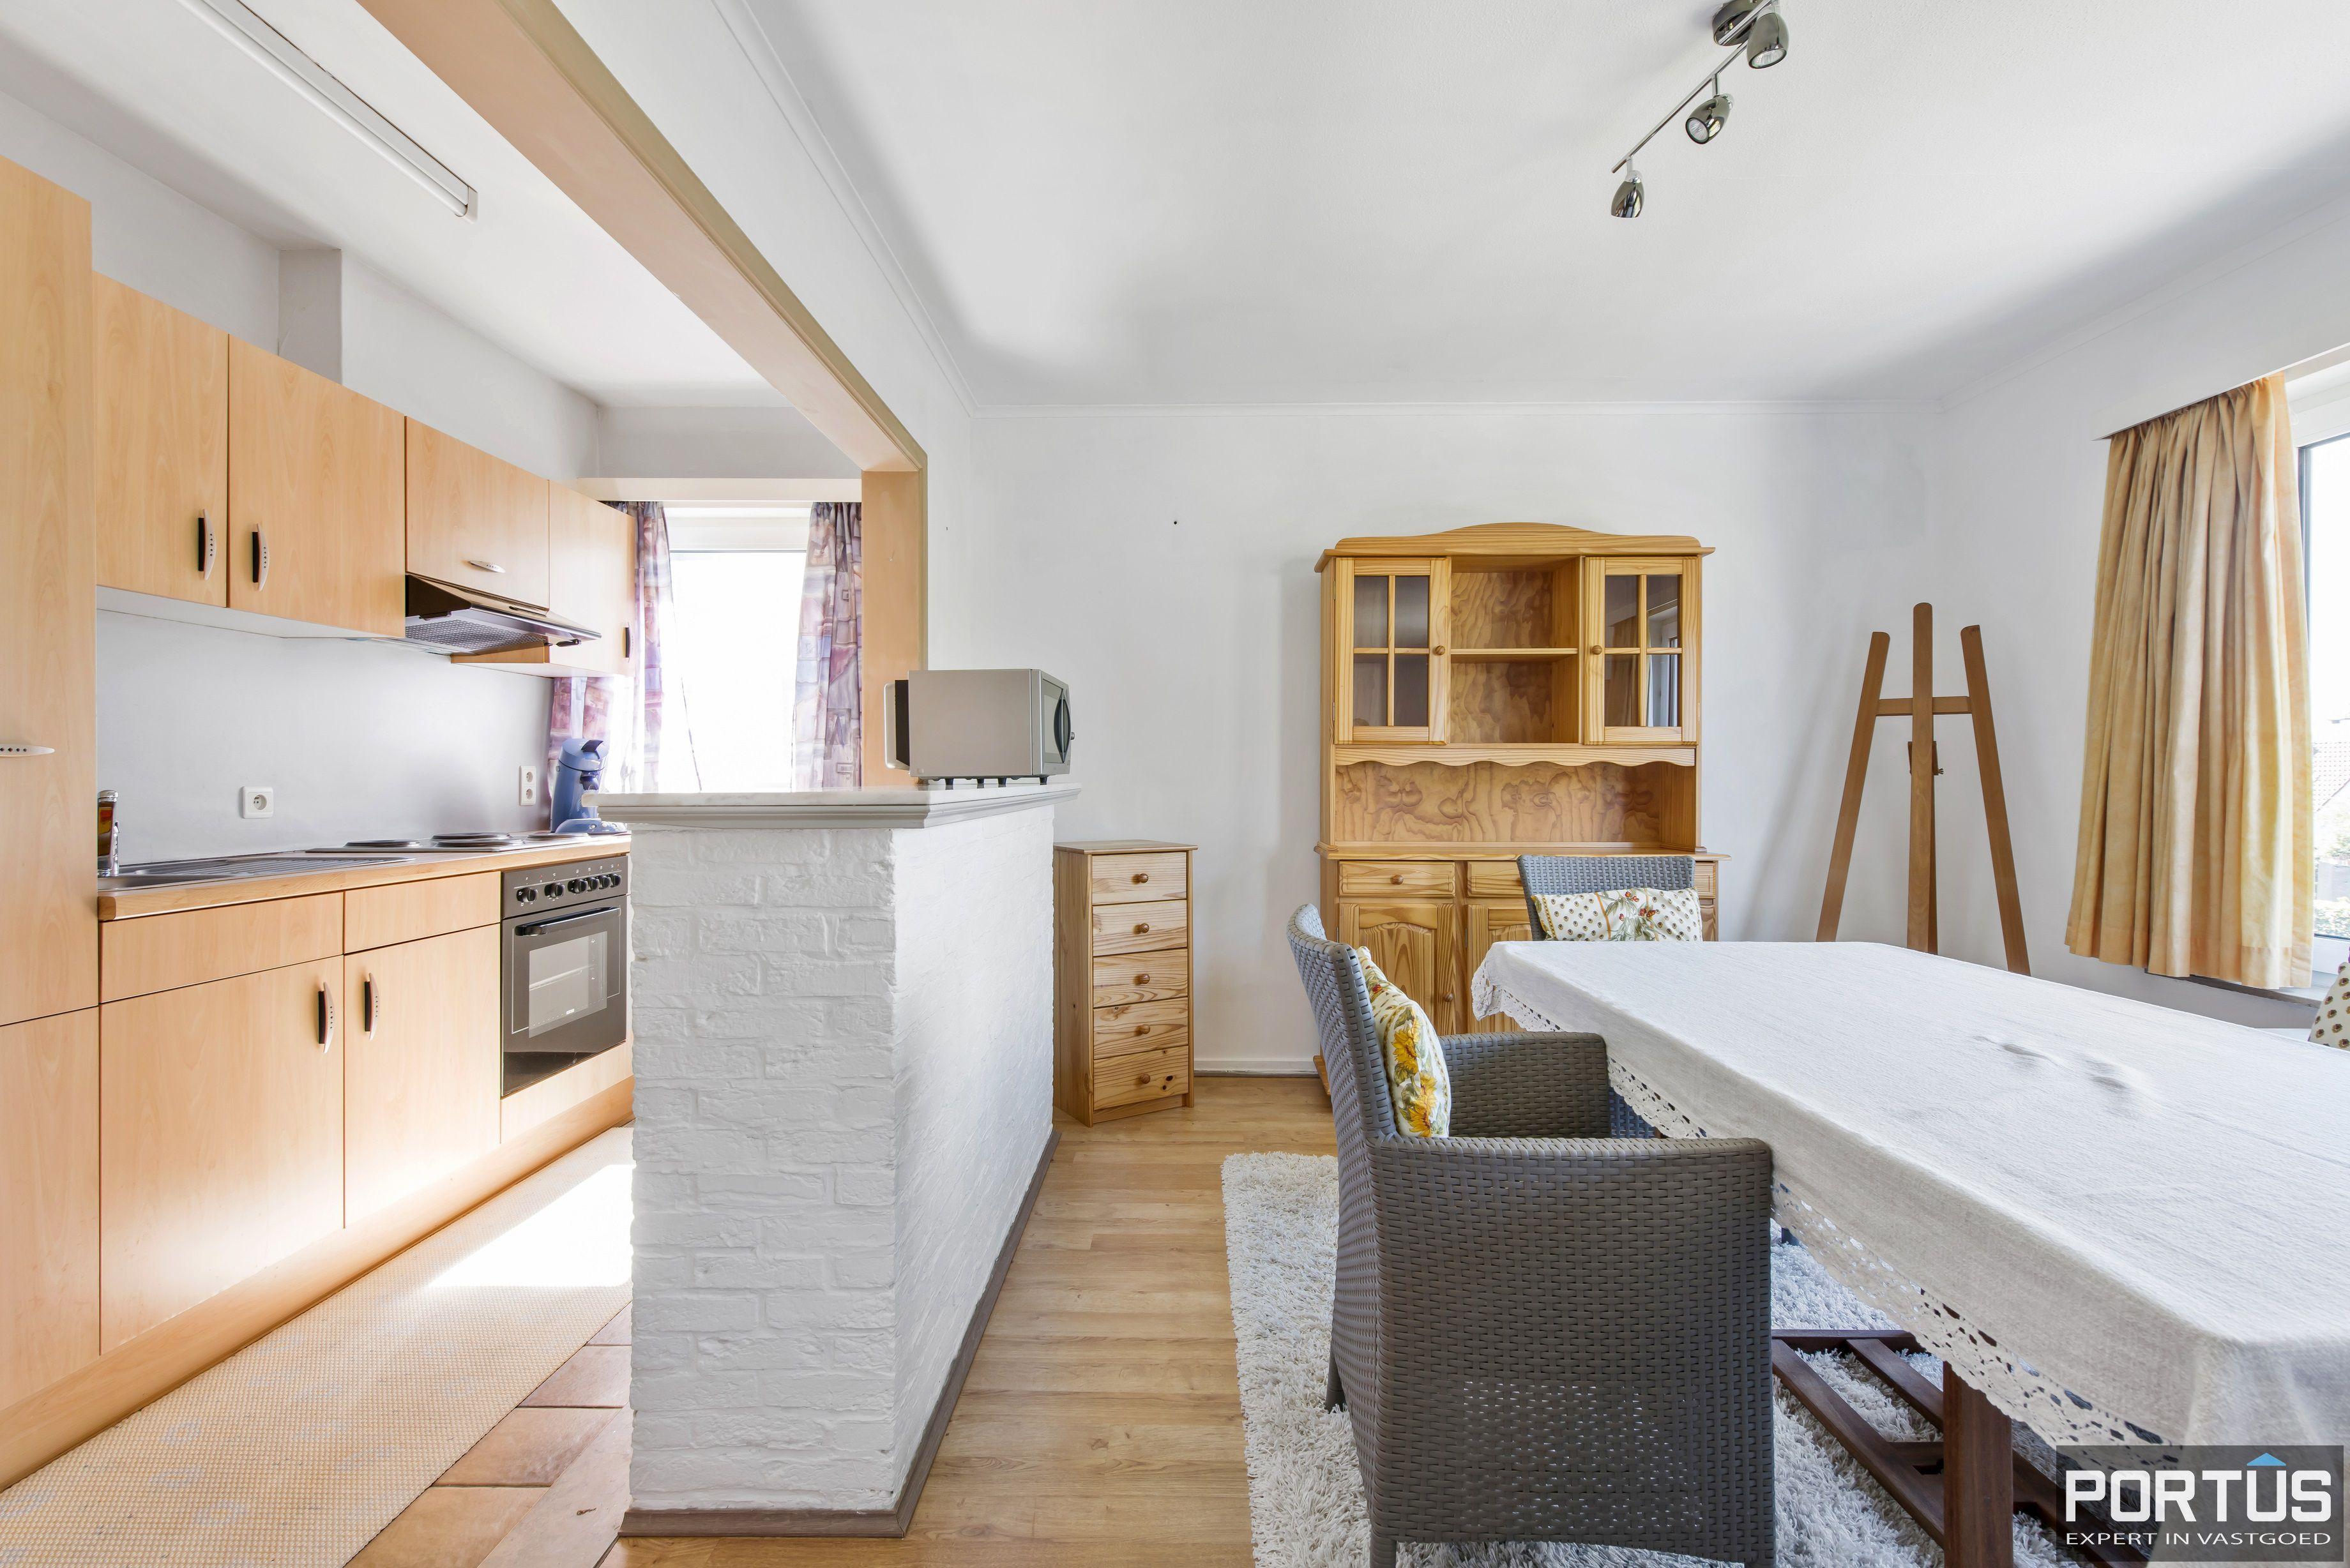 Appartement met 2 slaapkamers en parking te koop te Nieuwpoort - 9738